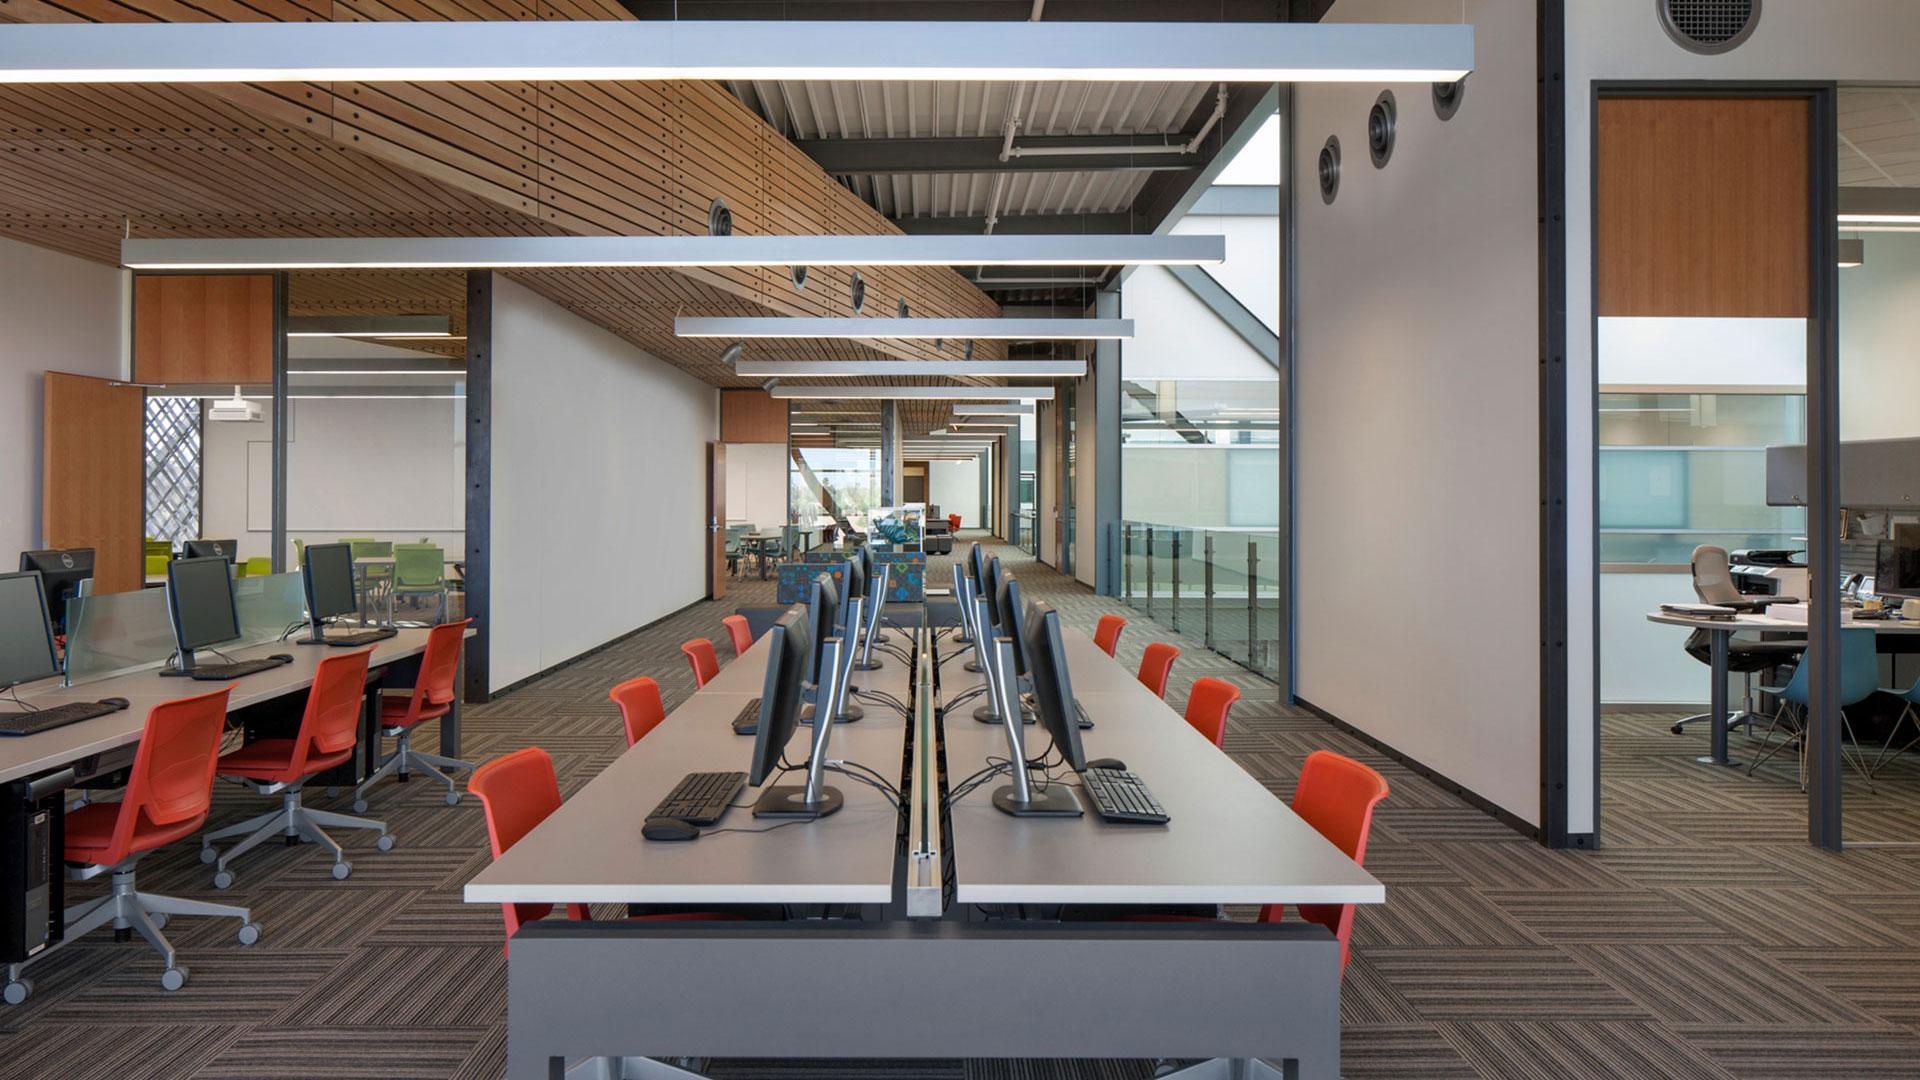 white baux library estrella hall collaborative learning 1920x Estrella Hall + Classrooms, Library